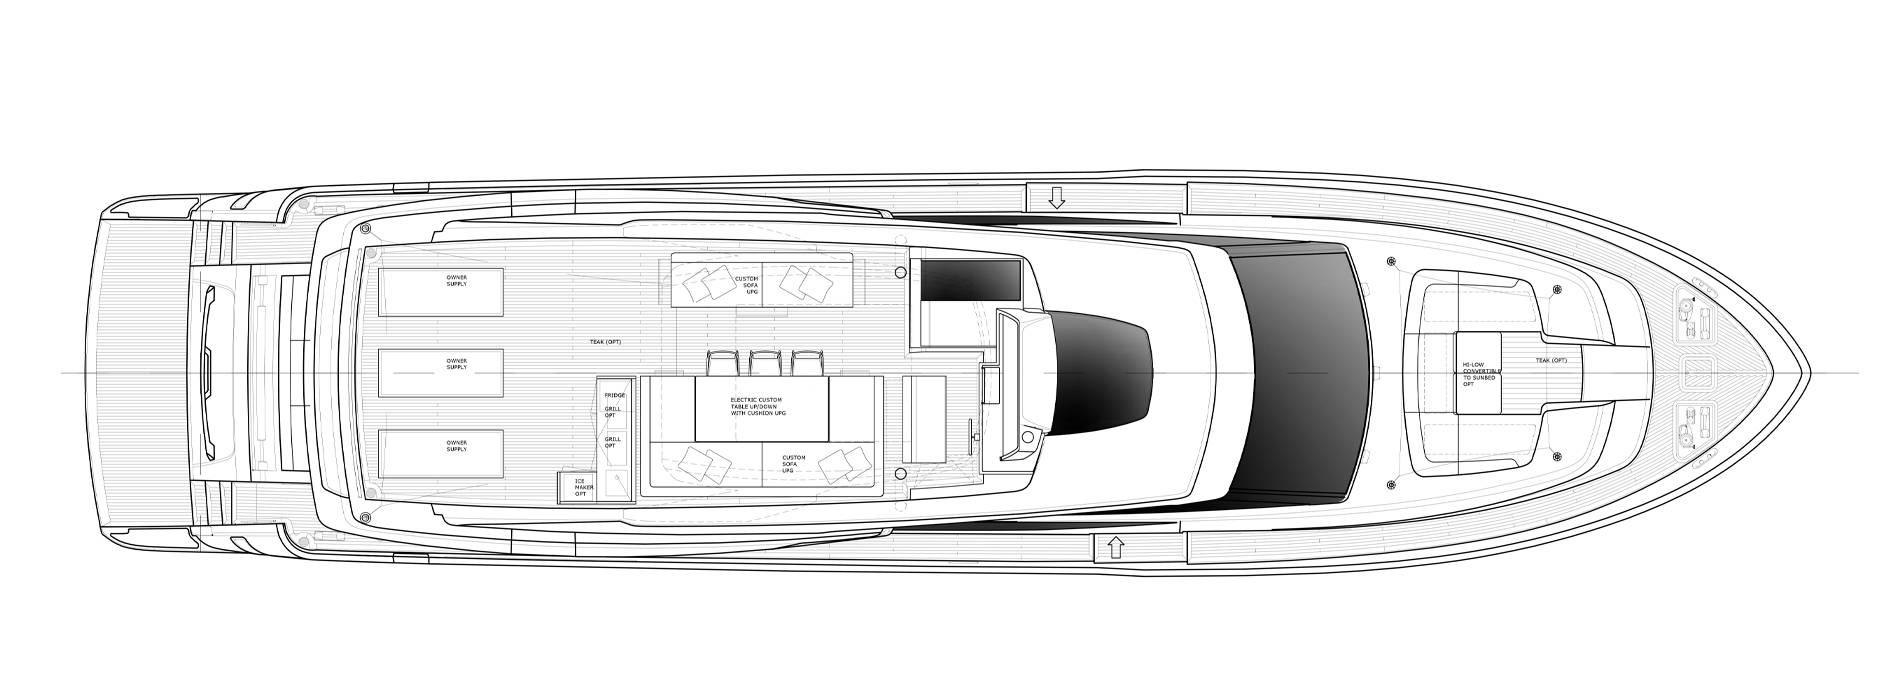 Sanlorenzo Yachts SL86-727 Außendeck